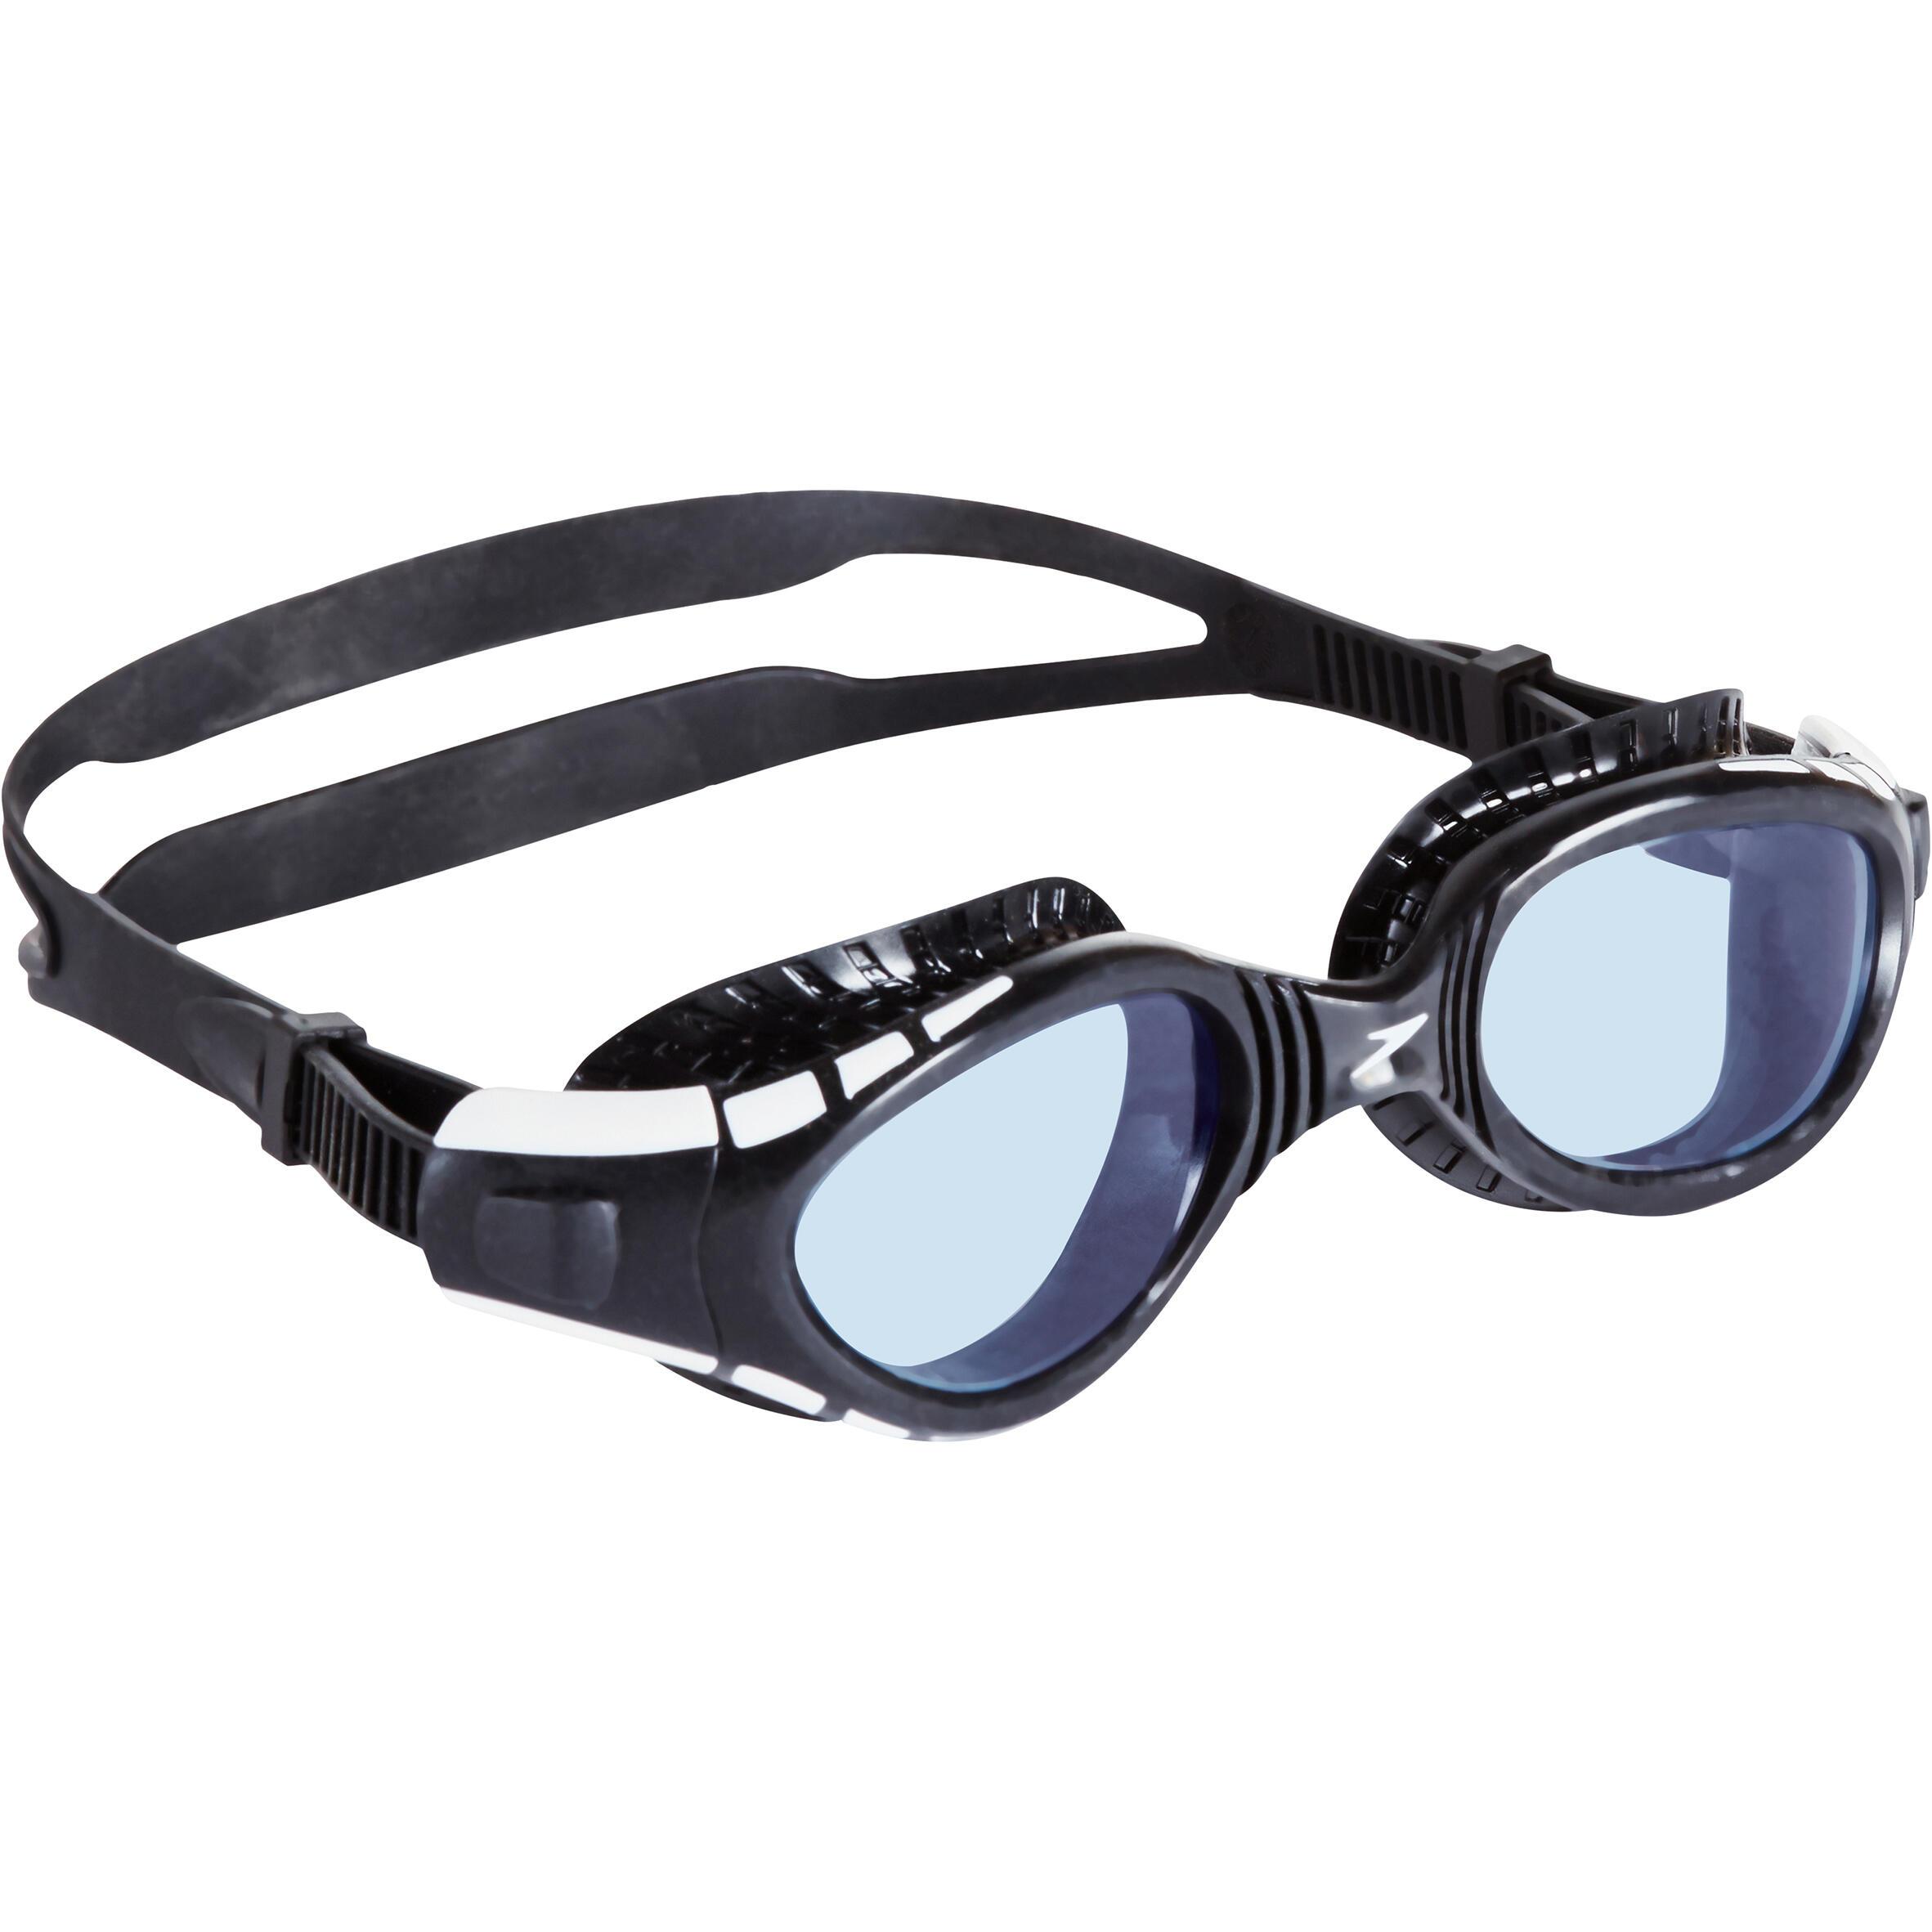 a959159da0 Gafas Natación Piscina Speedo Adulto Negro Competición Antivaho Speedo    Decathlon